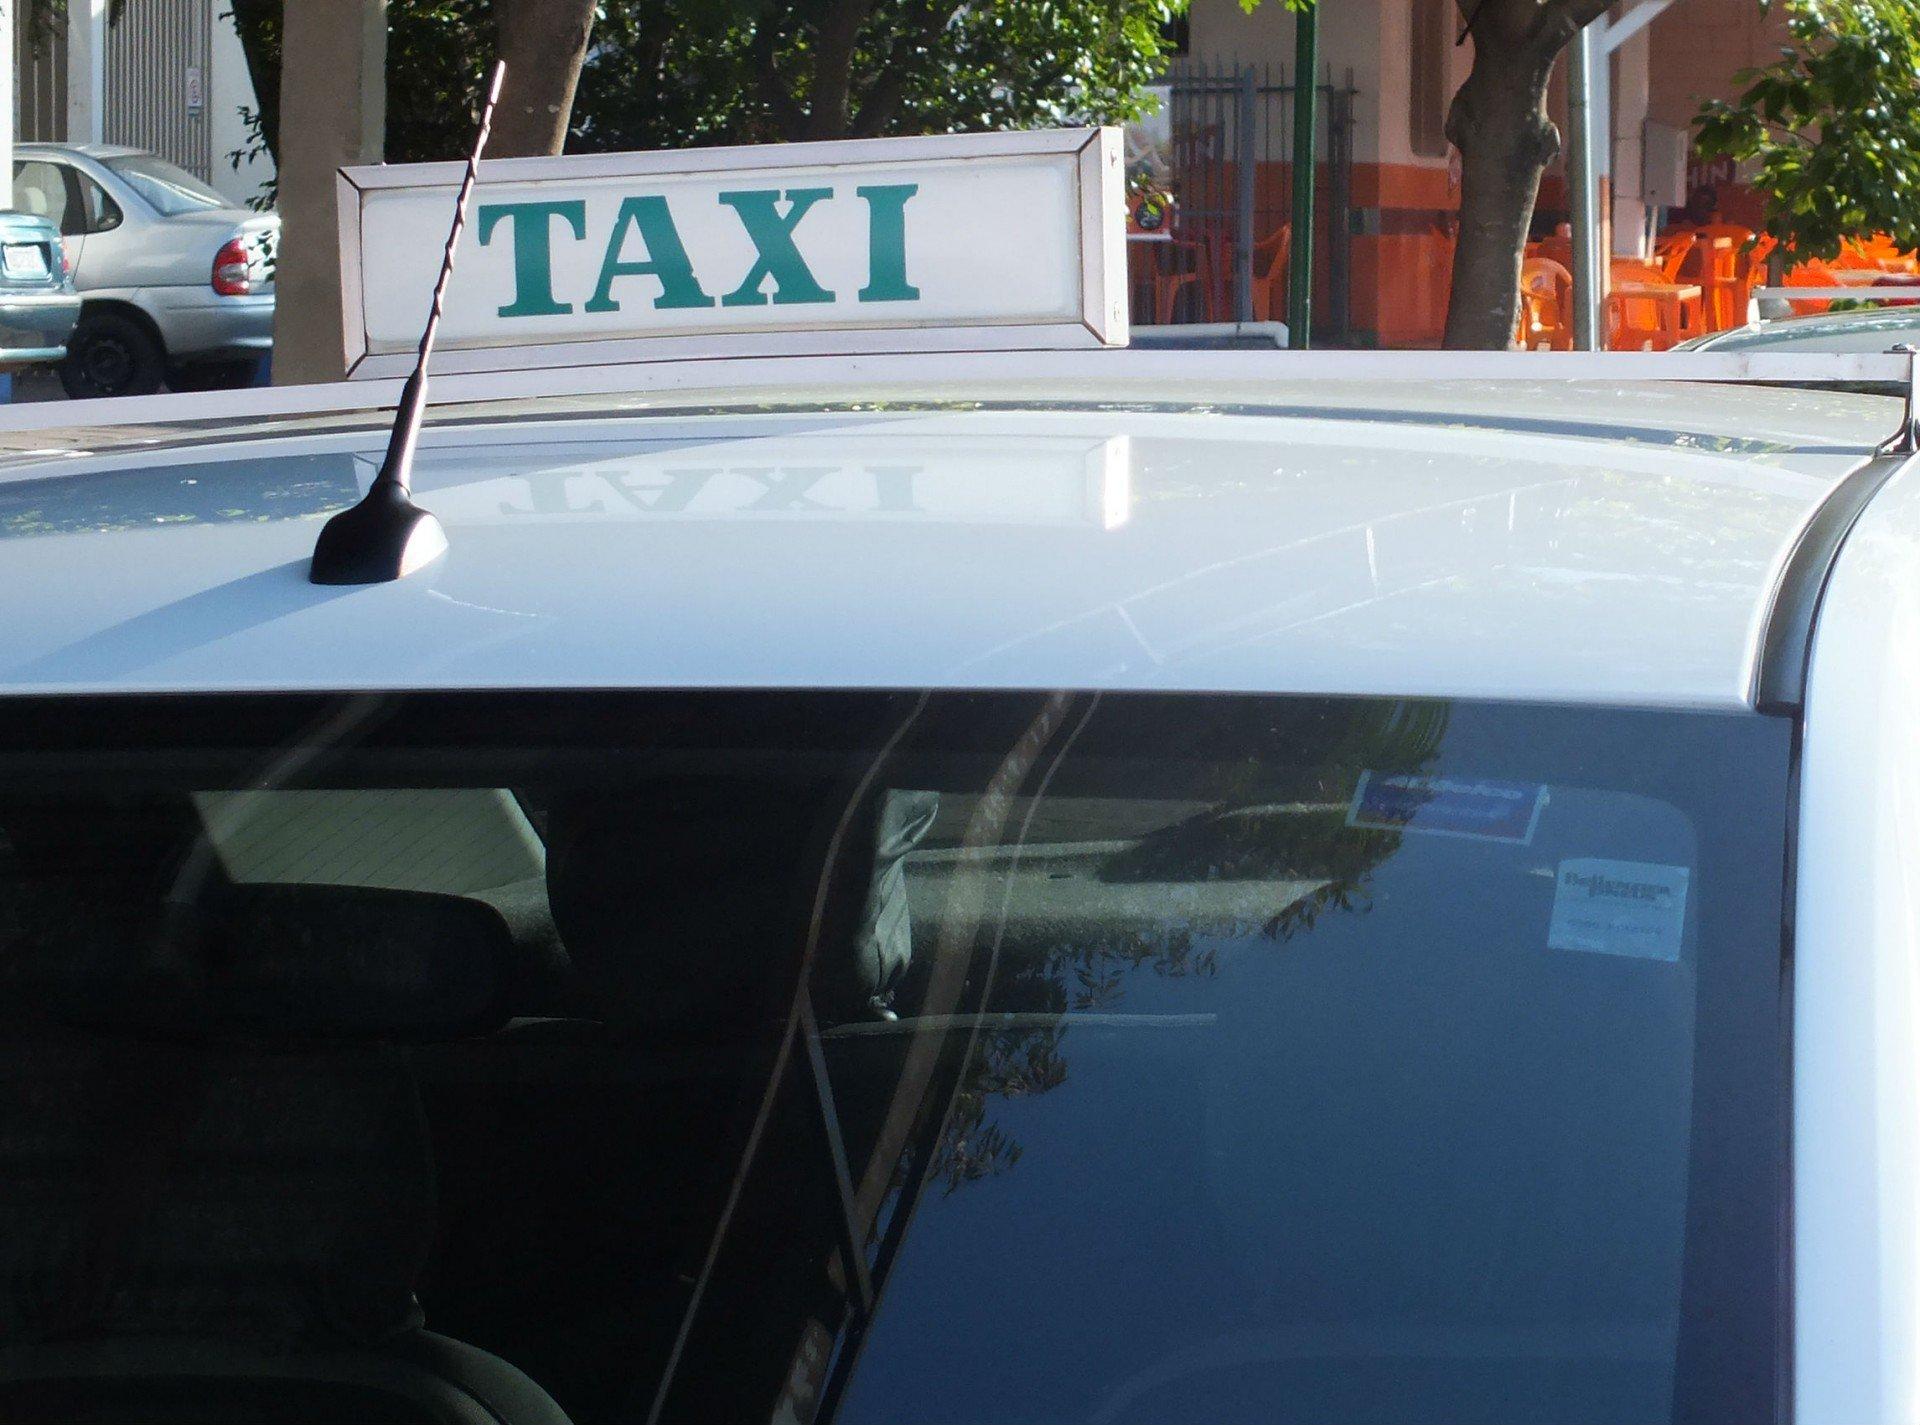 cursos de decoracao de interiores em novo hamburgo:Taxistas de Novo Hamburgo participam de curso de turismo – Região